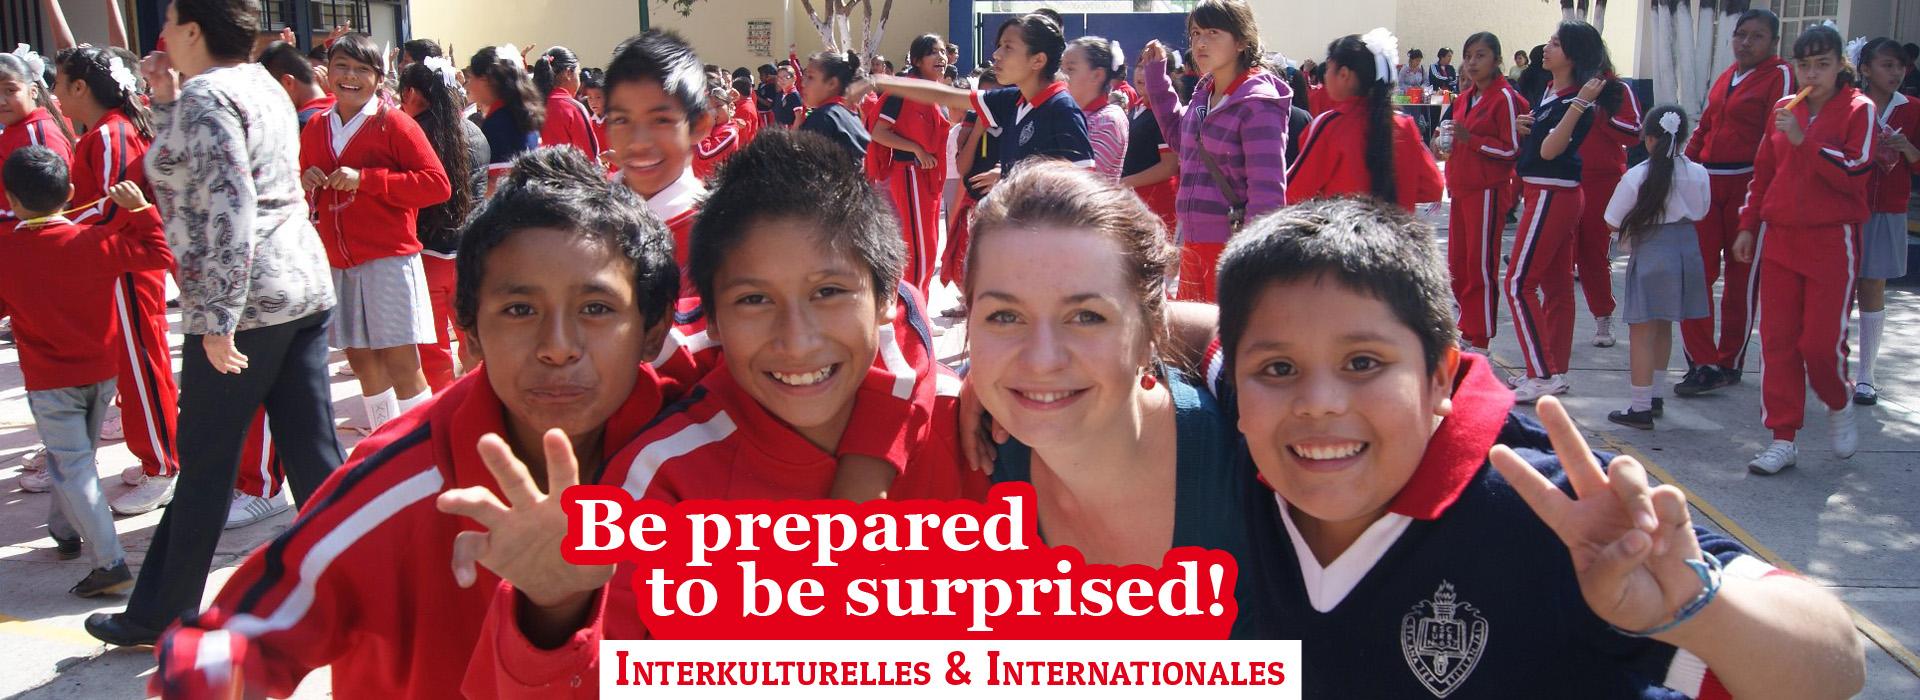 Internationale Jugendbegegnungen und europäischer Freiwilligendienst beim Jugendwerk der AWO Württemberg